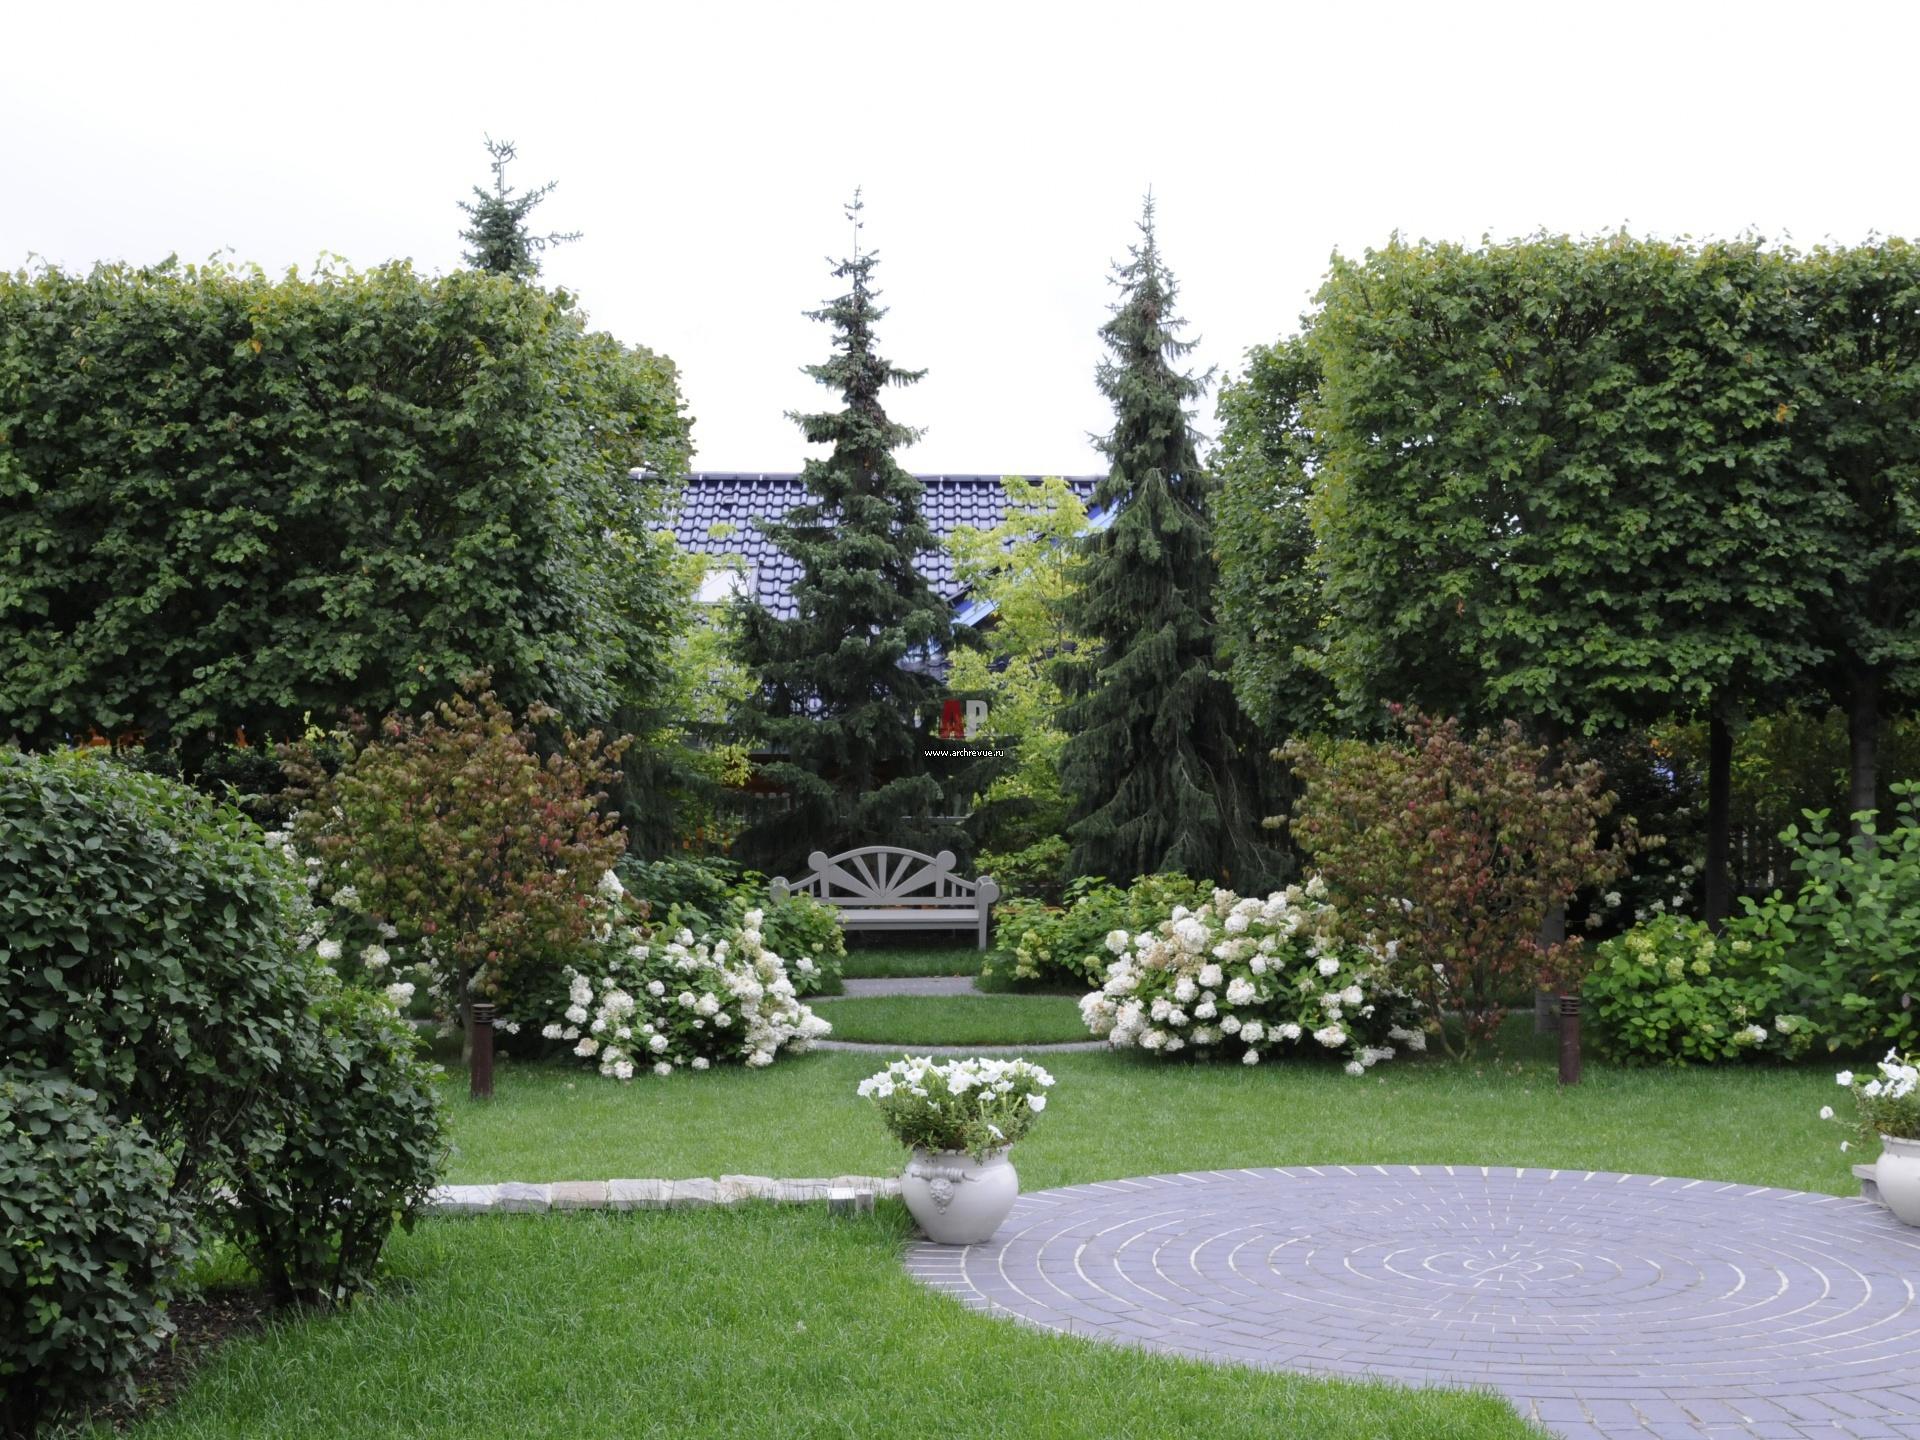 В конце перспективы cада дизайнеры установили лавочку.Она продолжила линию одной из дорожек и зрительно увеличила размеры сада.